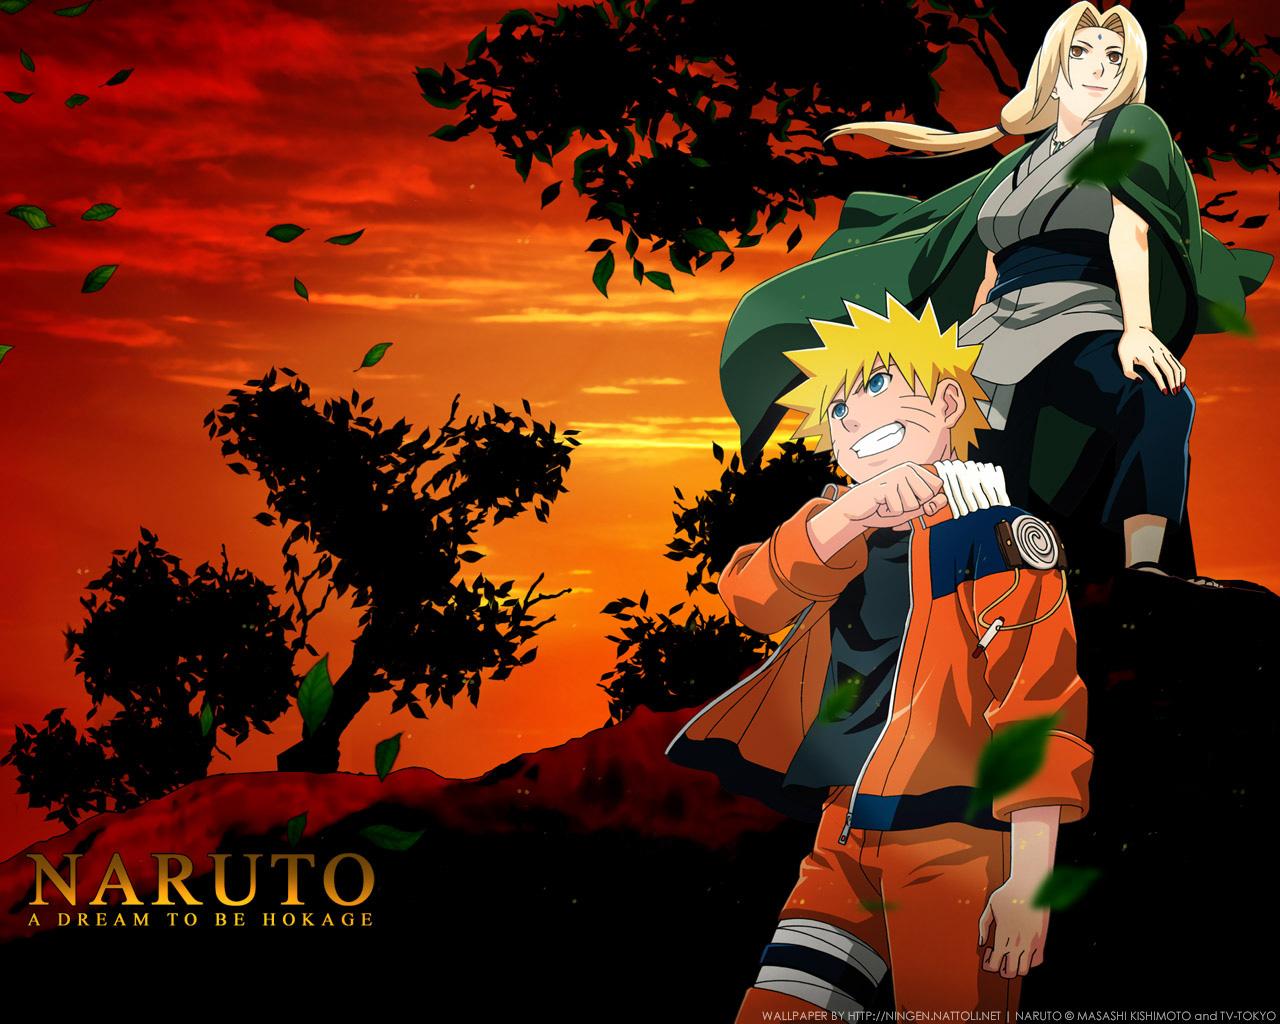 اجمل صور للانمي ناروتو شيبودن  NarutoShippuuden_wallpaper_7136